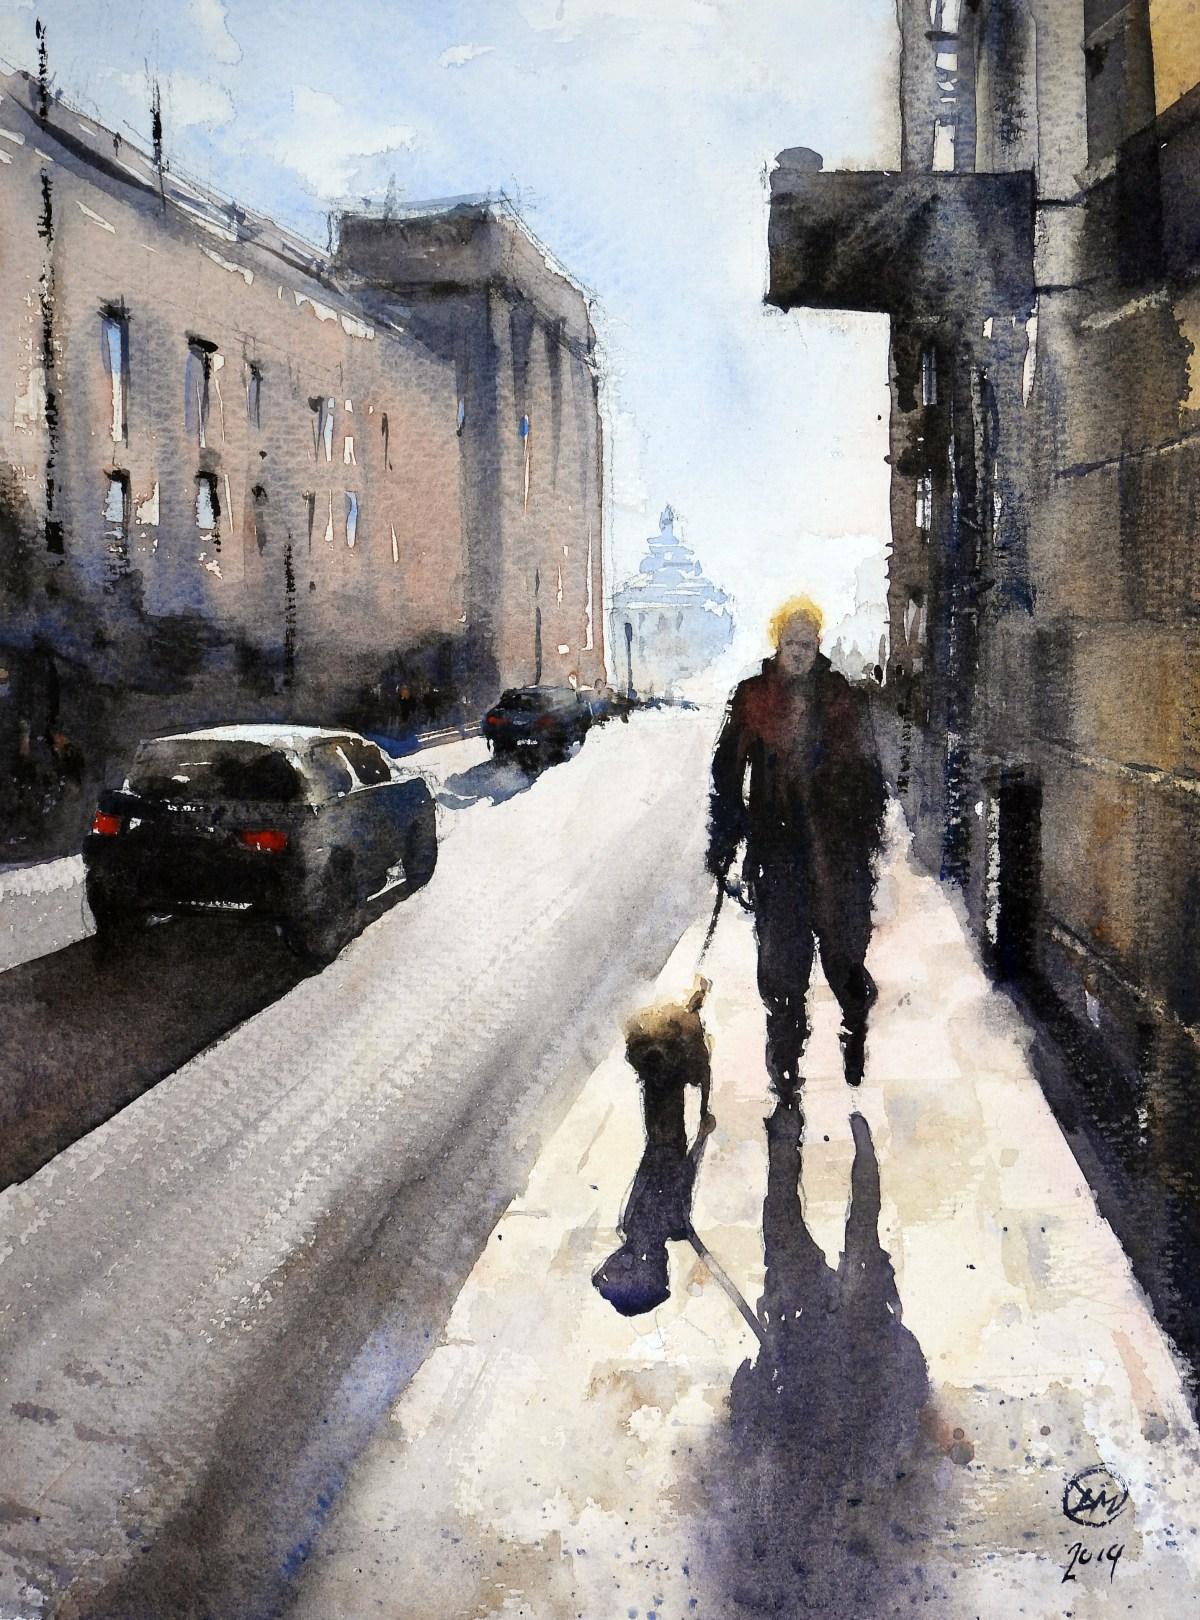 Walking on St Eriksgatan